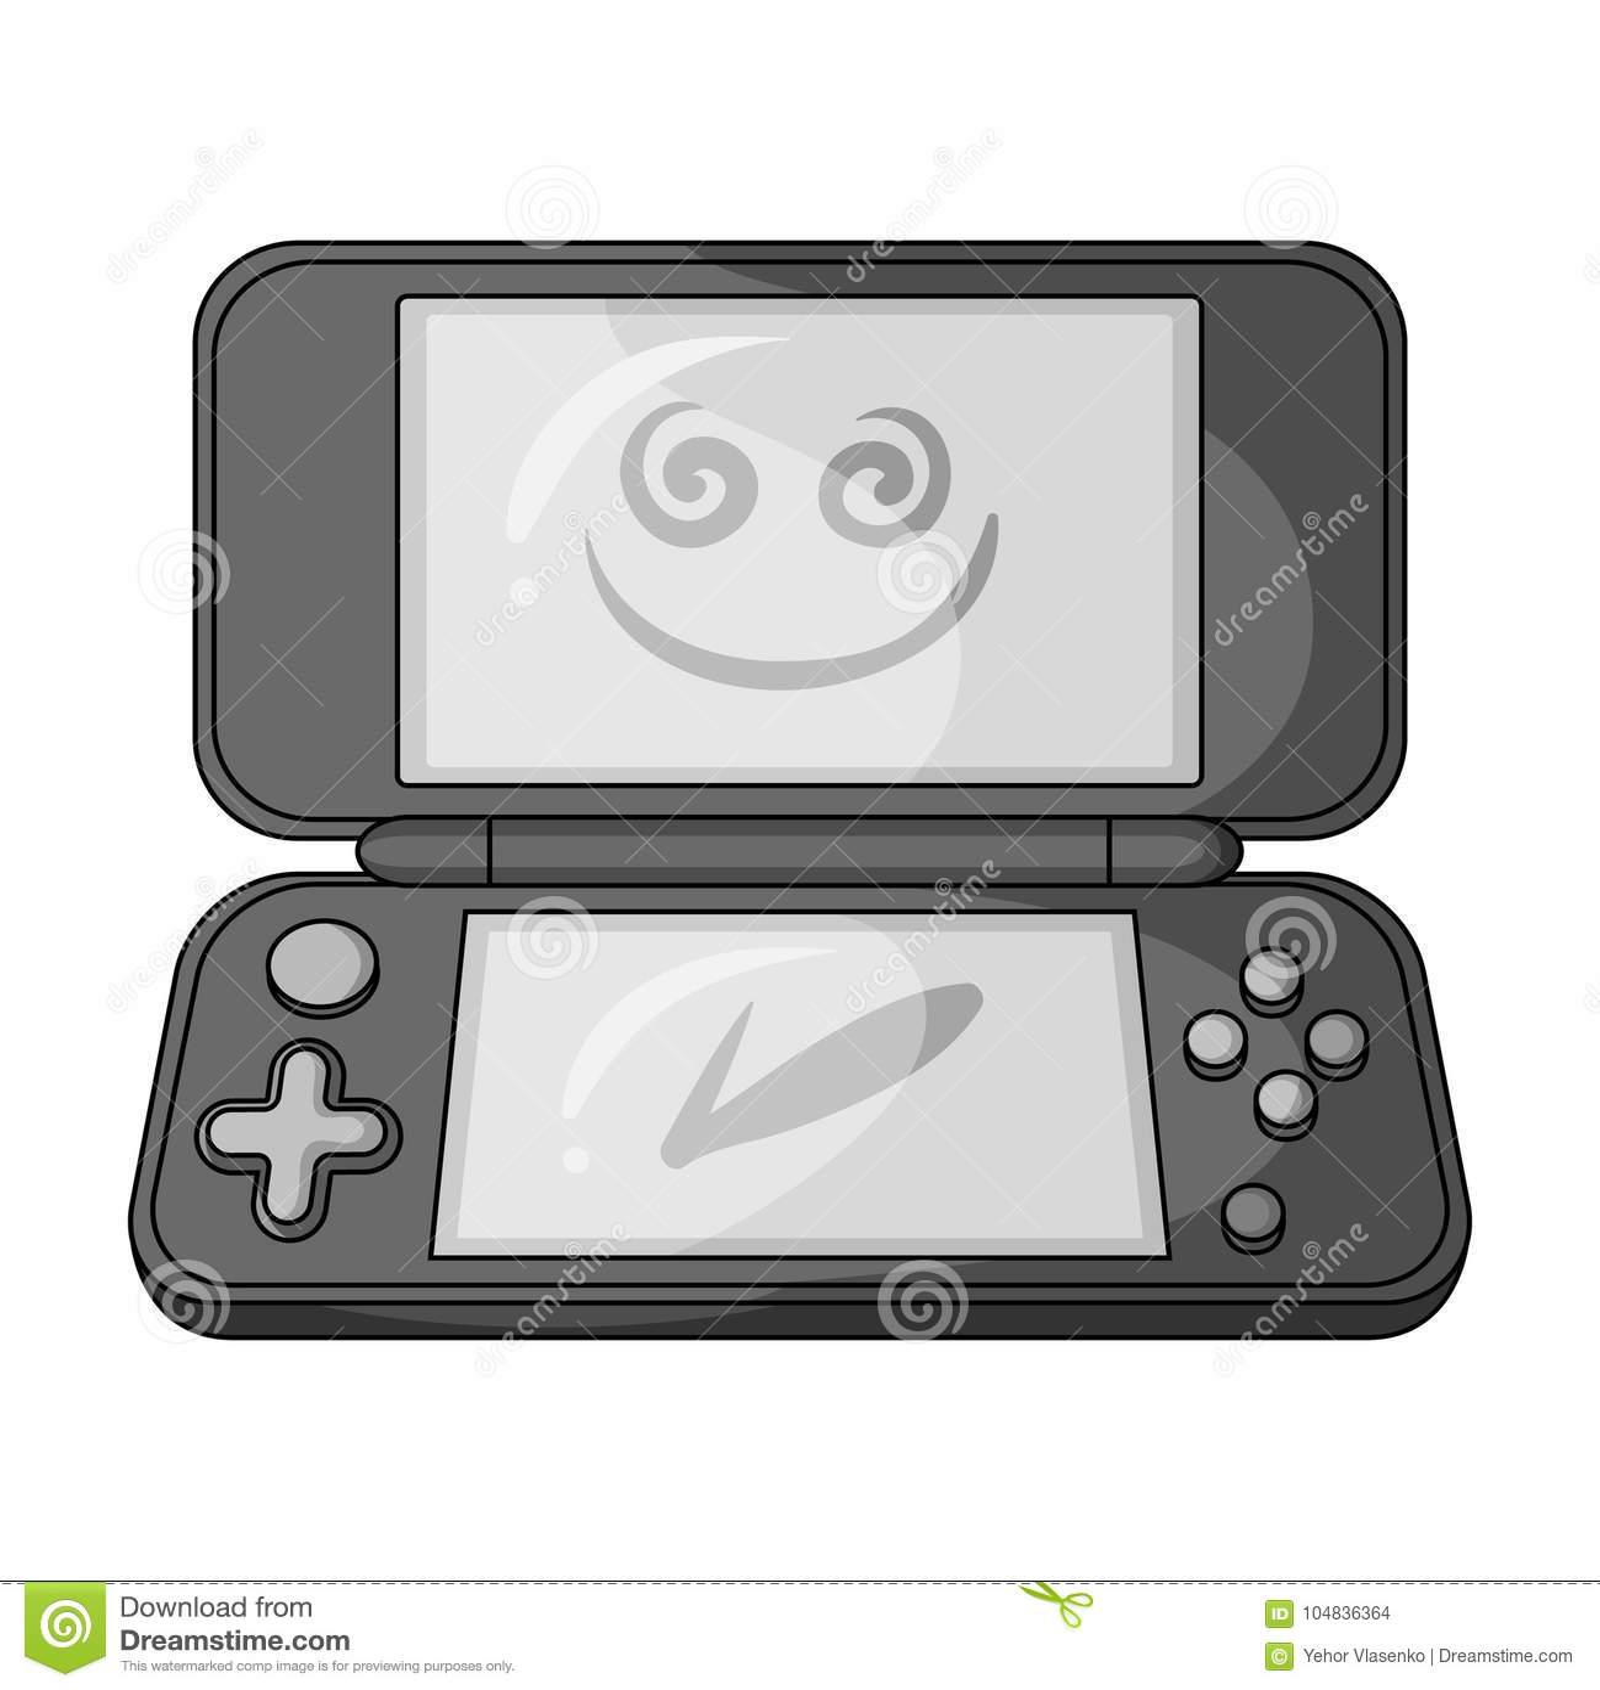 Game Console Single Icon In Monochrome Style For Designr